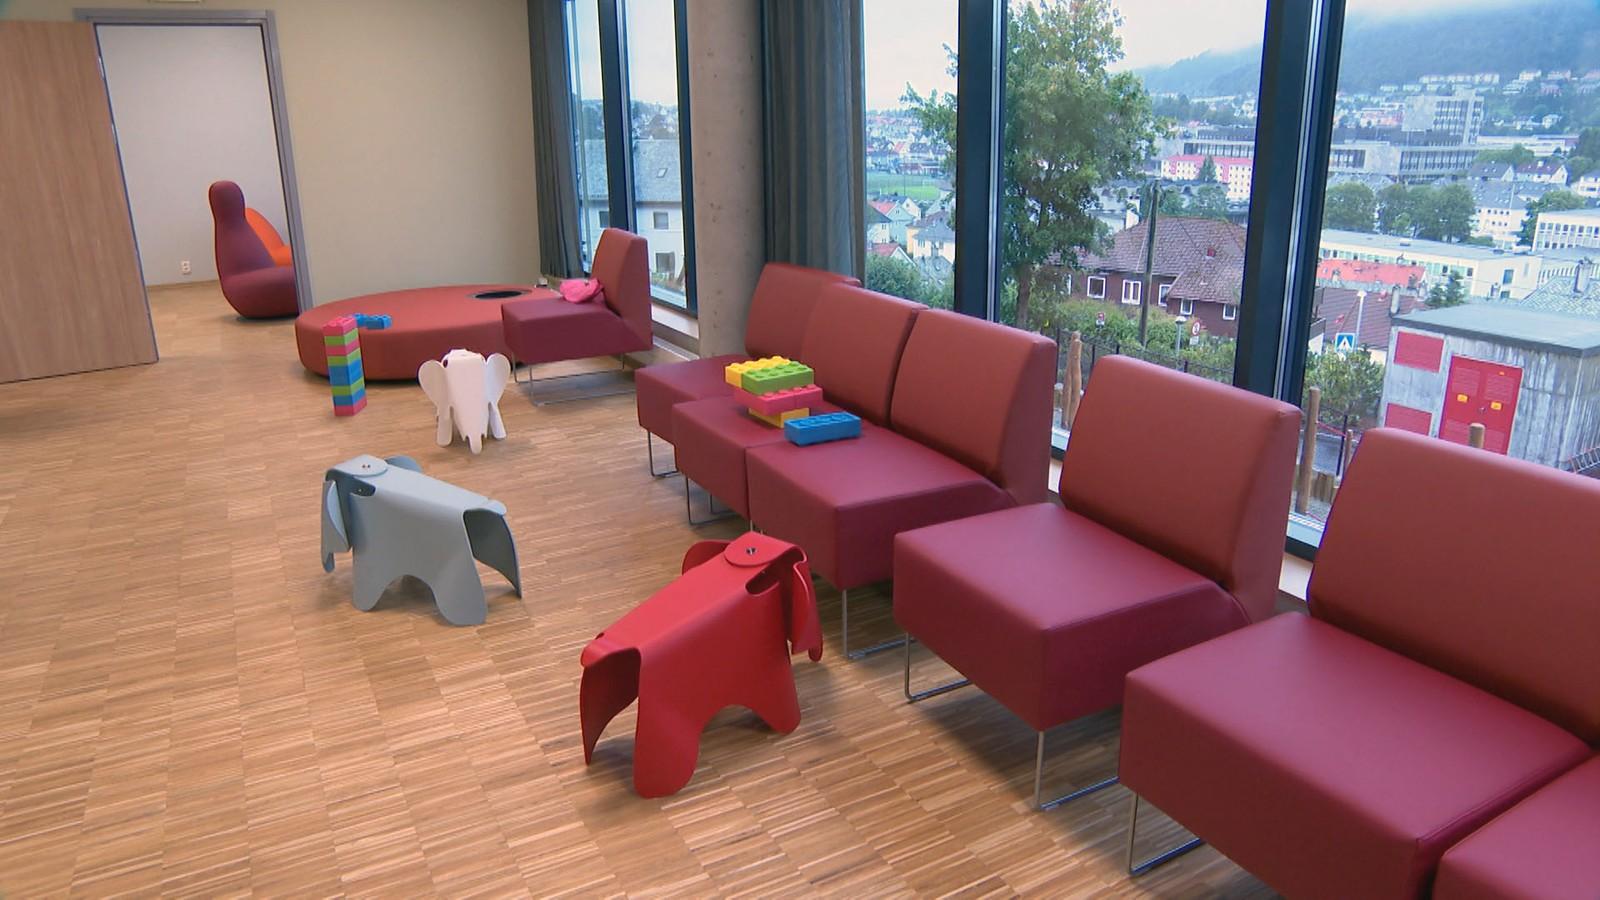 Den nye barneklinikken i Bergen heter fra nå av Barne- og ungdomsklinikken.